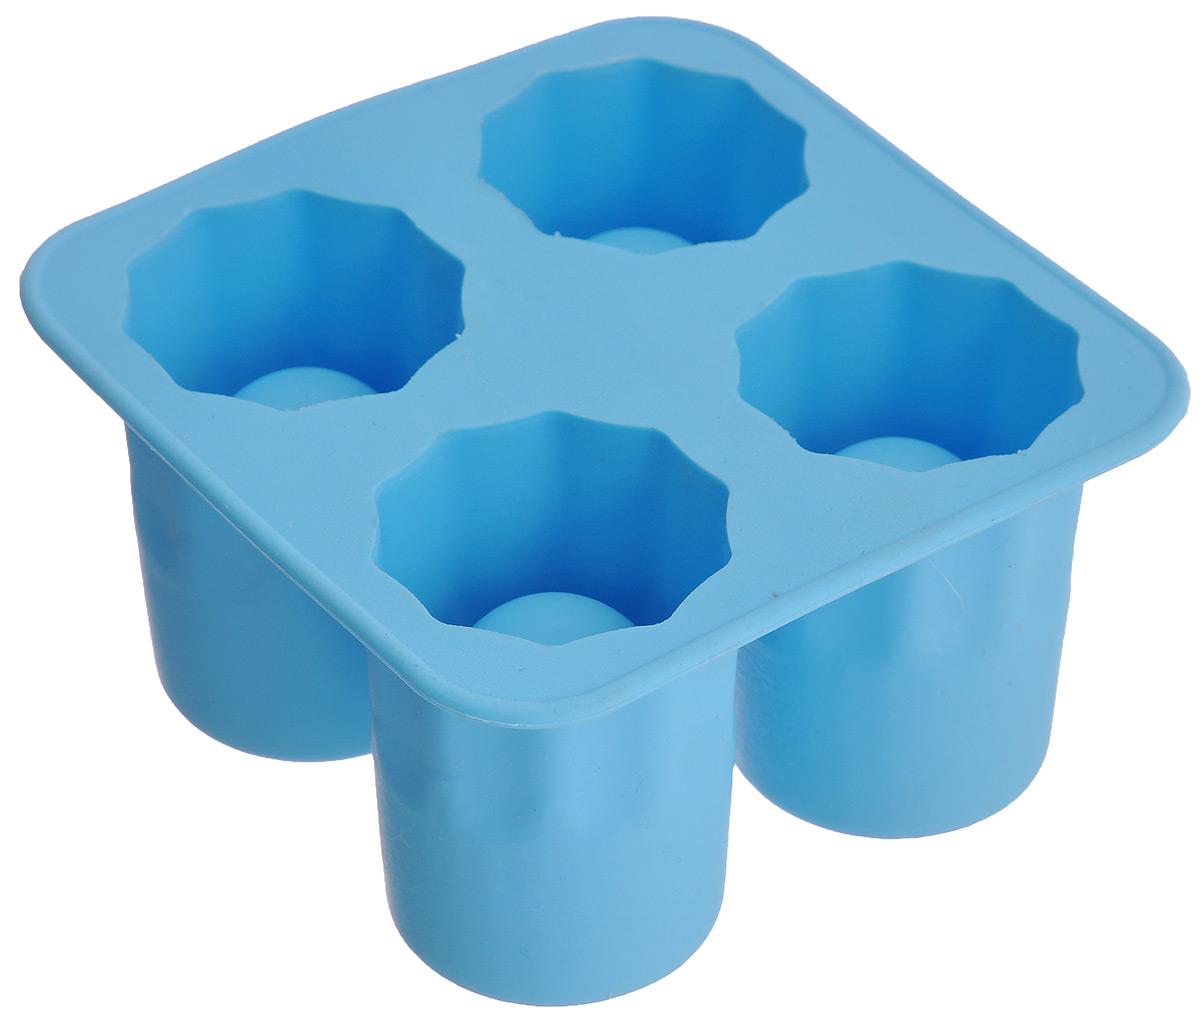 Форма для льда Bradex Ледяные стопкиSU 0008Форма для льда Bradex Ледяные стопки изготовлена из пищевой термопластичной резины. Форма содержит 4 ячейки, которые помогут сделать не просто фигурный лед, а настоящие стопки изо льда. Налейте воду в форму, поставьте ее в морозильную камеру, и ледяные стопки готовы! В такой рюмке ваши любимые горячительные напитки моментально остынут до нужной температуры. Ледяные стопки не нужно мыть: оставьте их в раковине, они сами растают. Фантазируйте! Стопки можно делать из любой жидкости. Заливайте в форму сок, молоко или другие жидкости, чтобы удивлять своих друзей оригинальными ледяными стопками! Размер стопки: 4 см х 3,8 см х 5,5 см. Общий размер формы: 10 см х 10 см х 5,5 см.